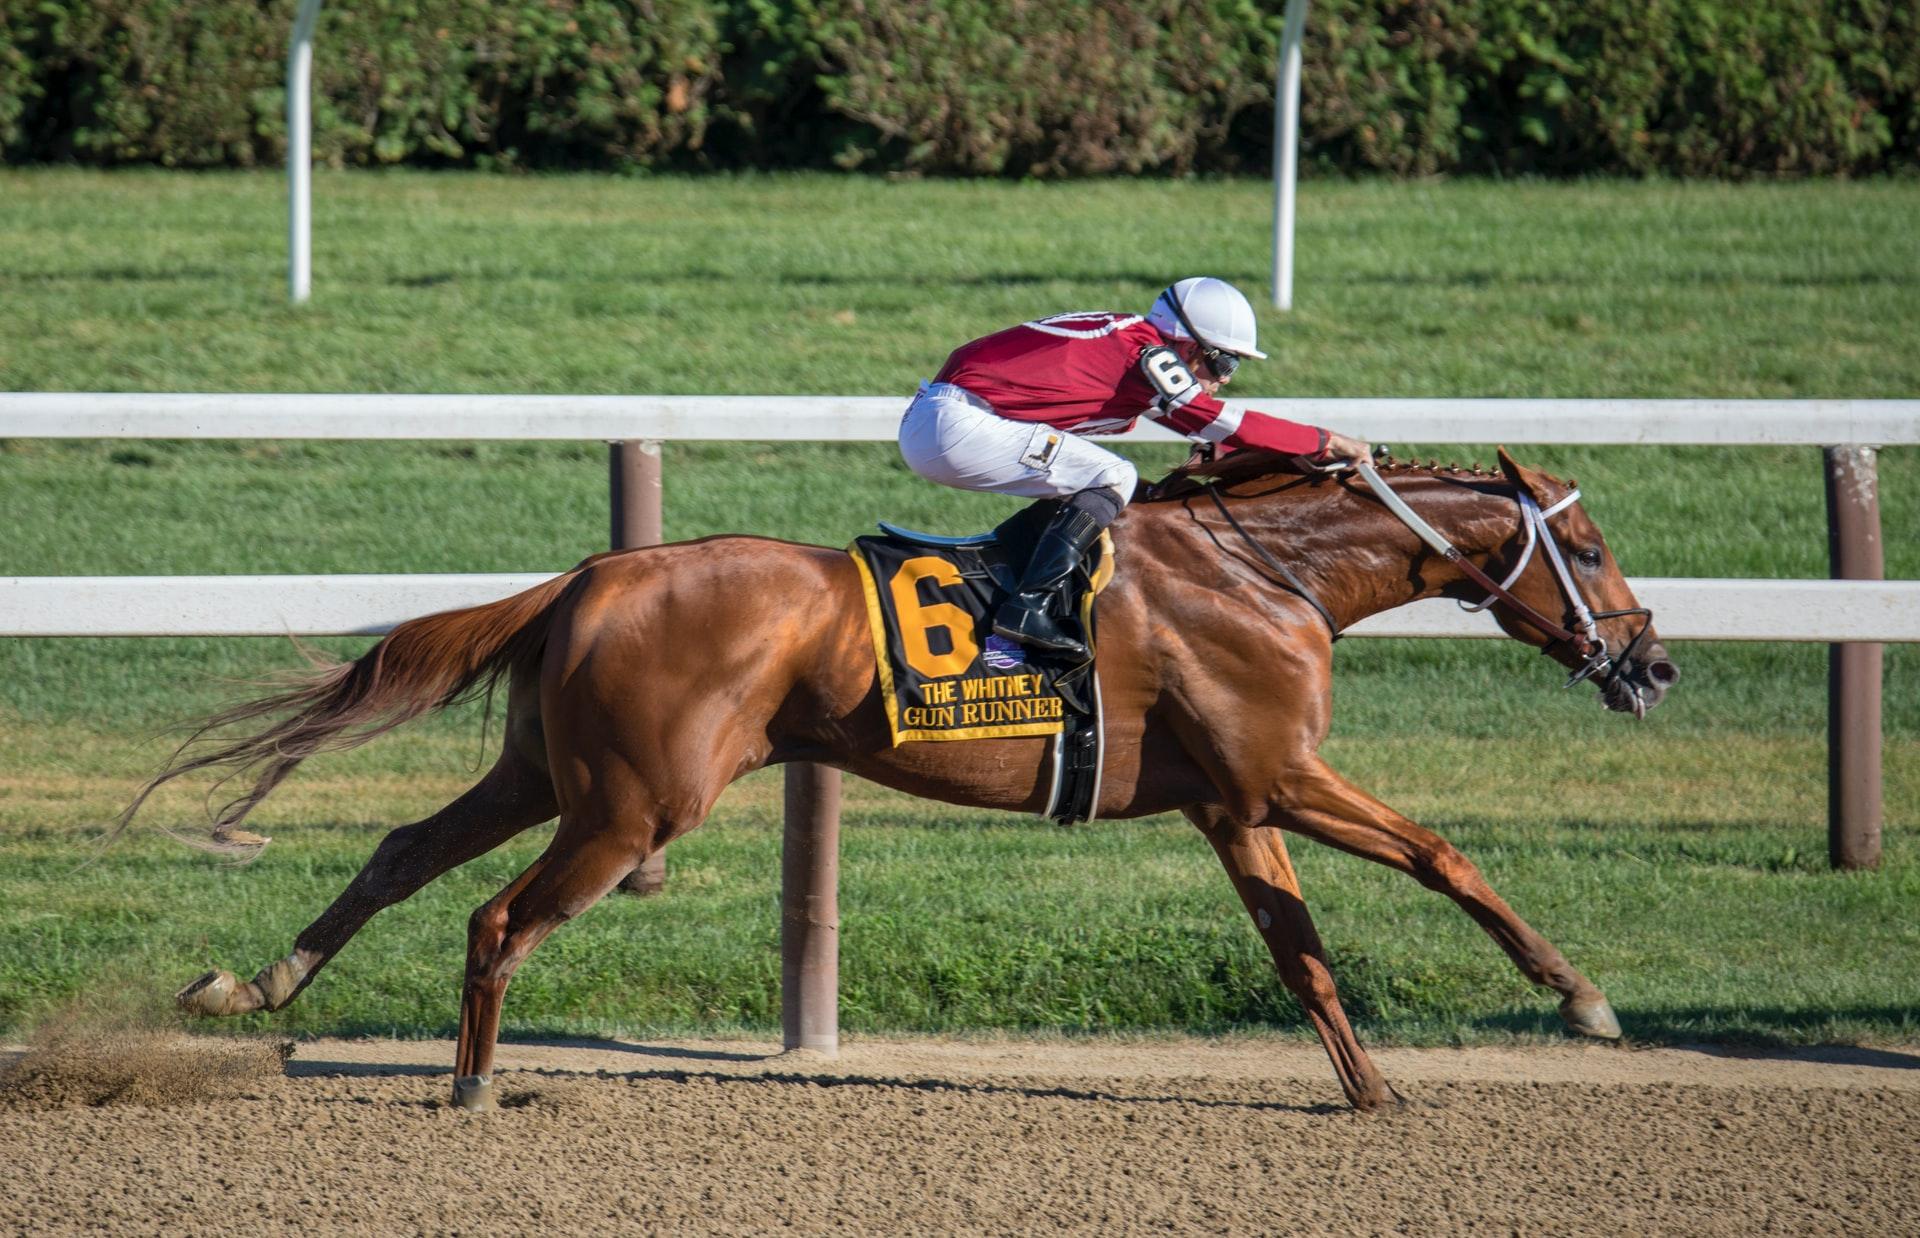 Nicht nur beim Rennpferd geht es um Glück: Pferde symbolisieren Macht und Wohlstand